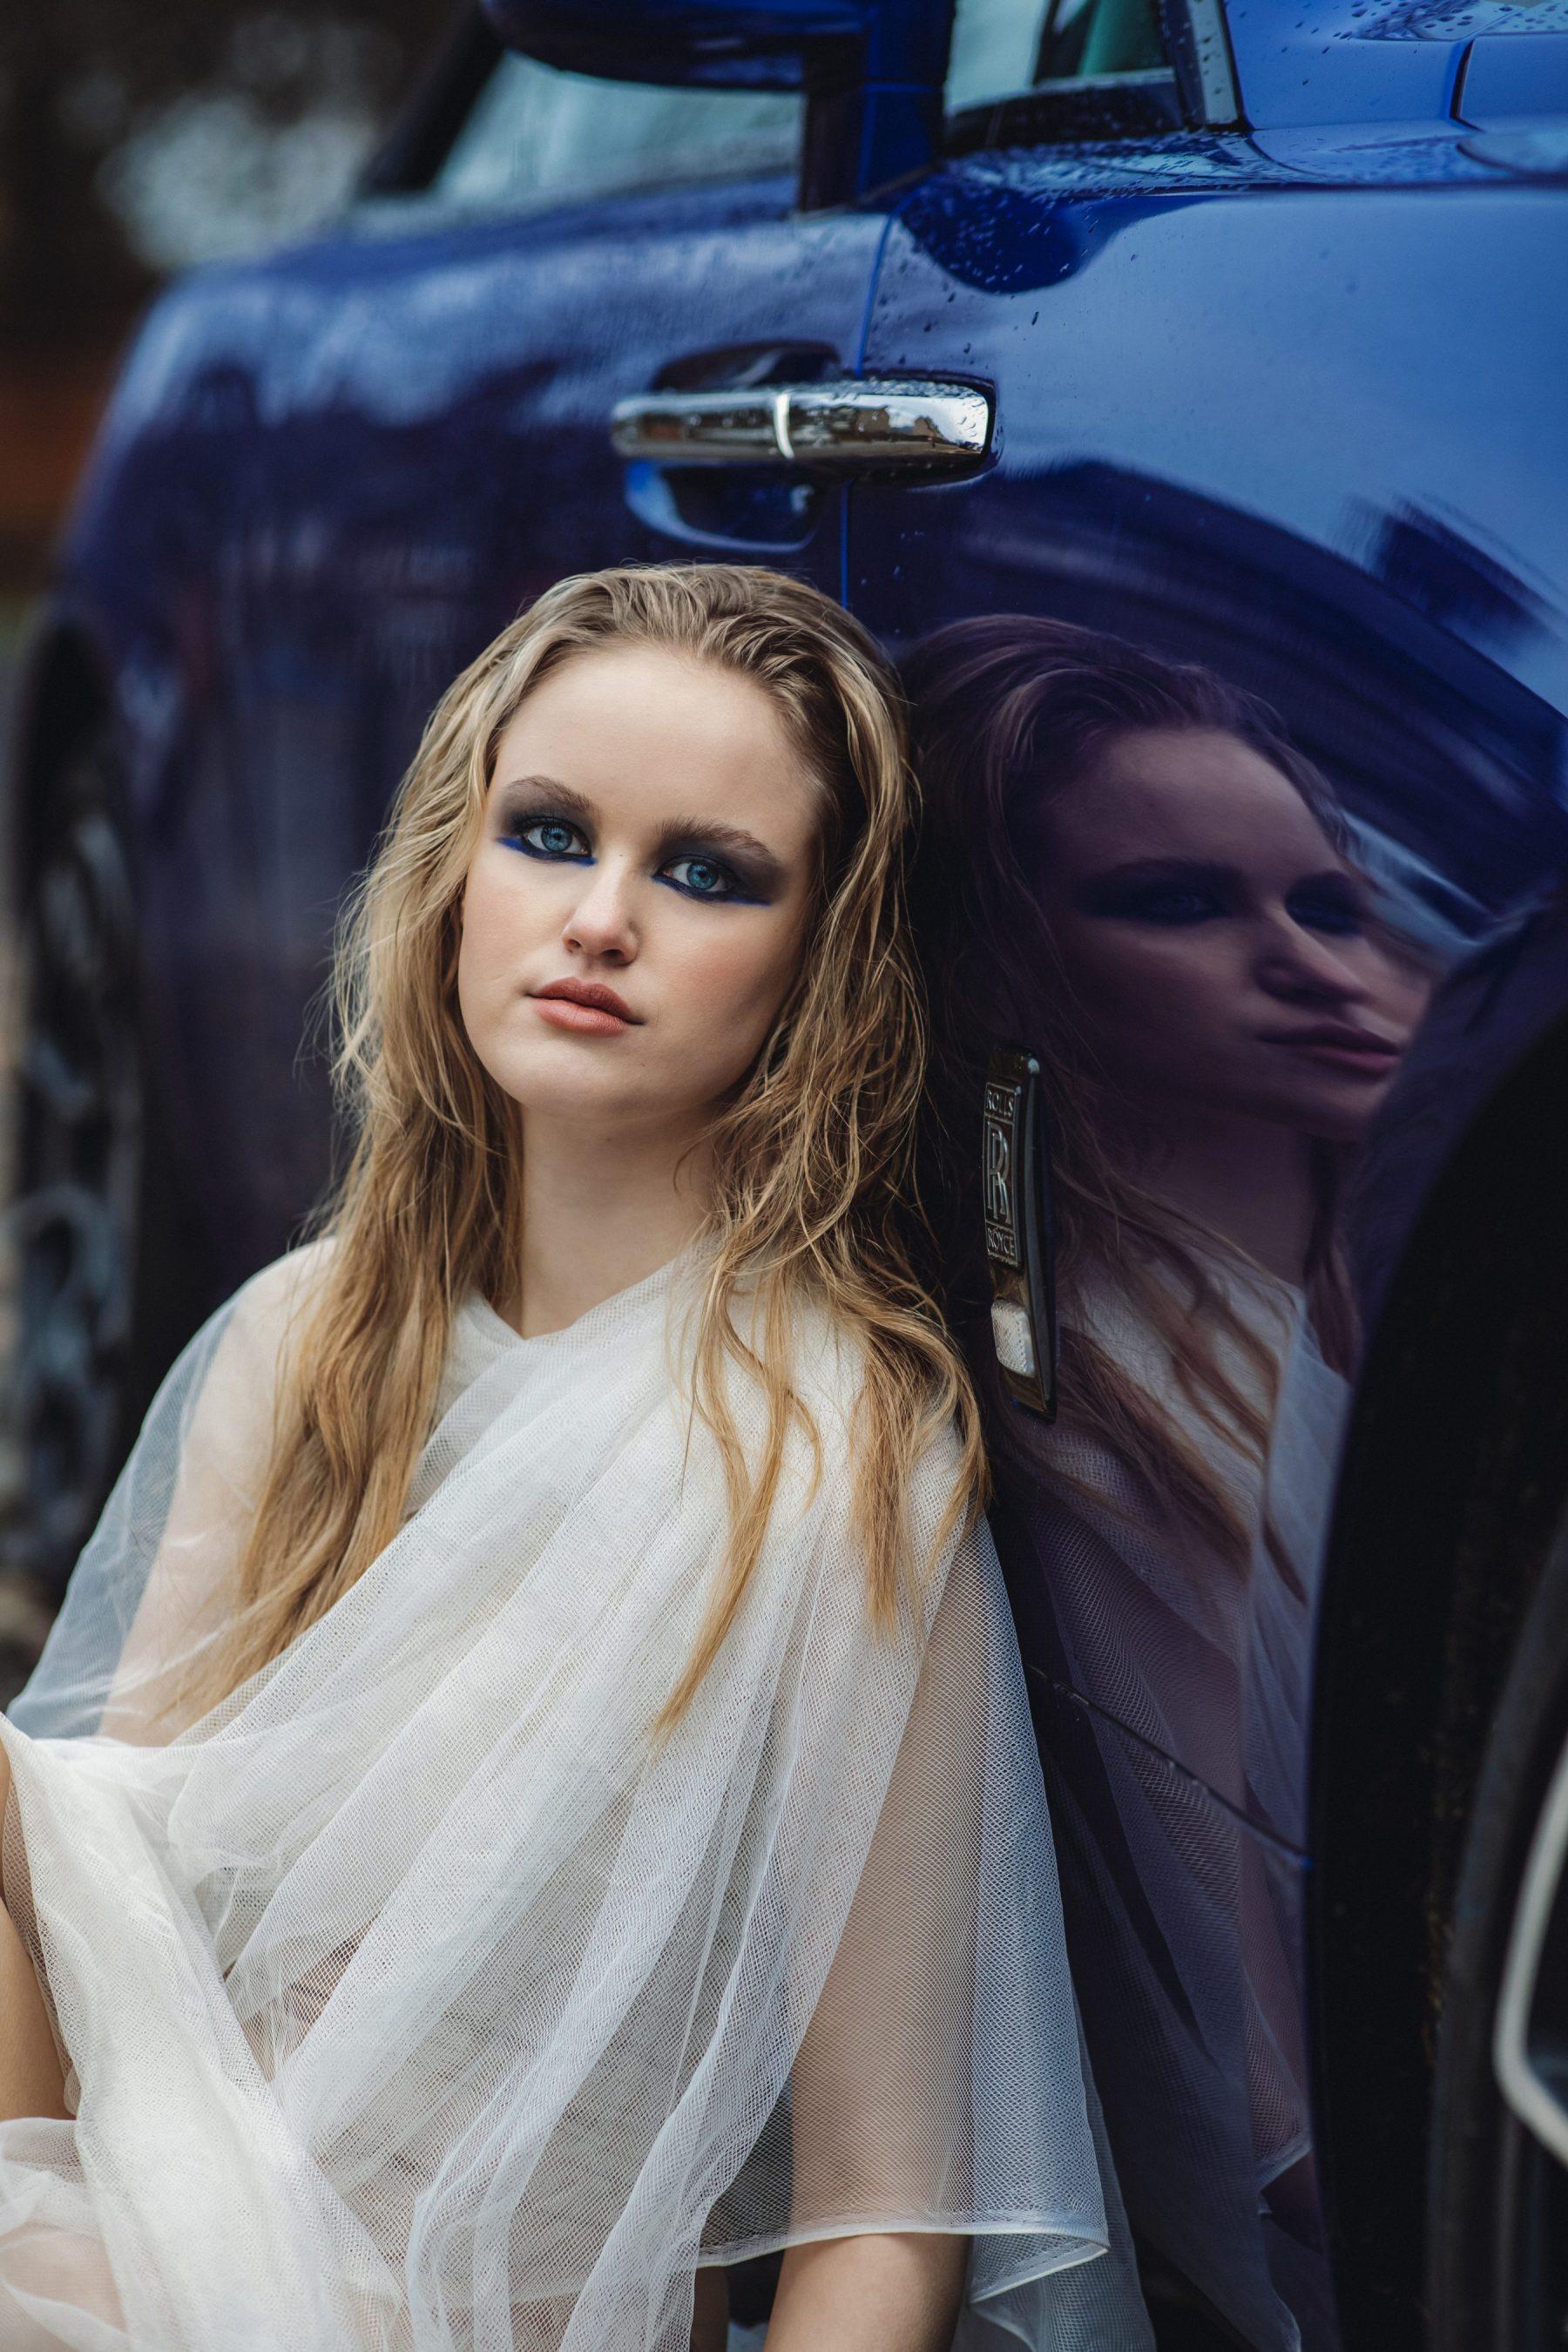 Rolls-Royce_Motors_Cars_Leeds_YFW20_2